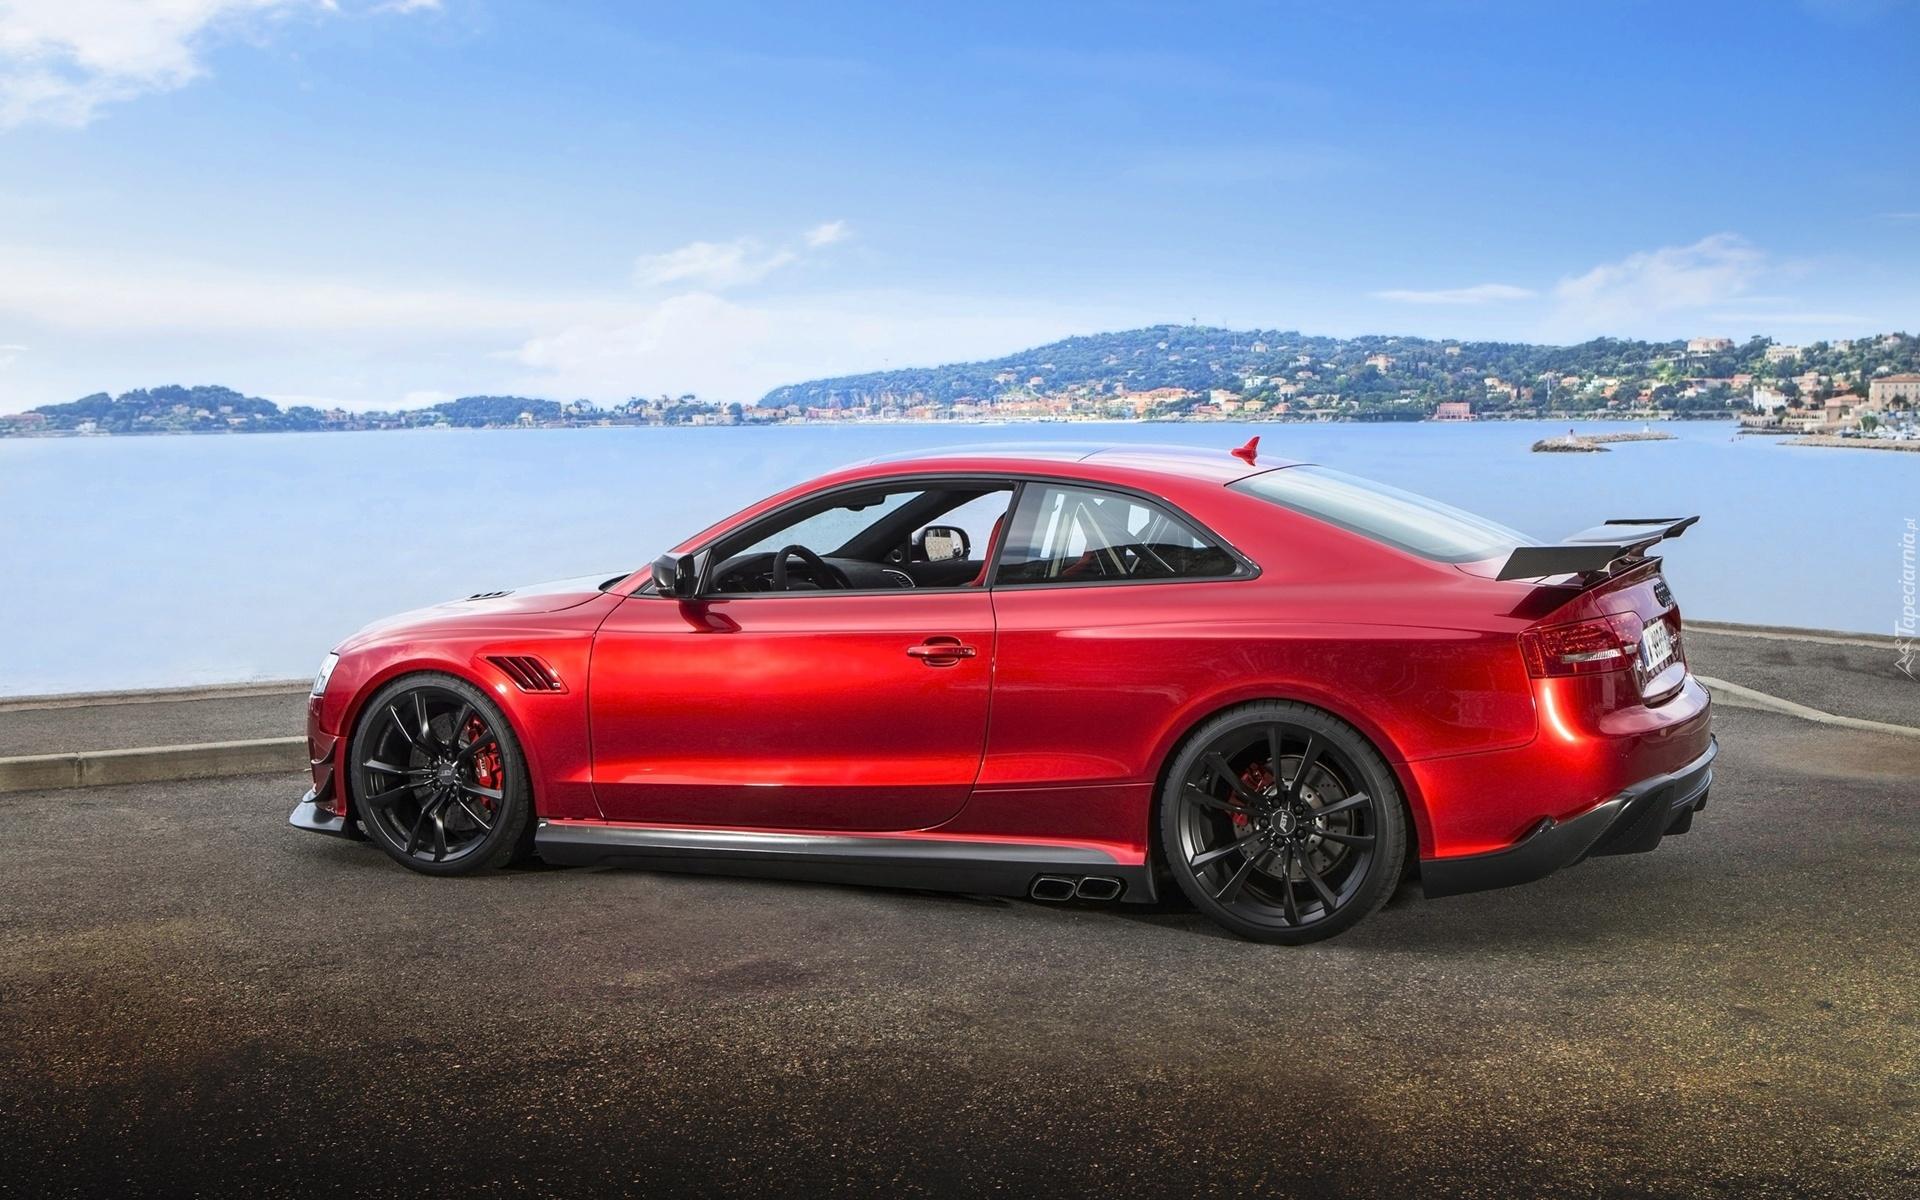 Audi A5 красная купе  № 3761357 бесплатно